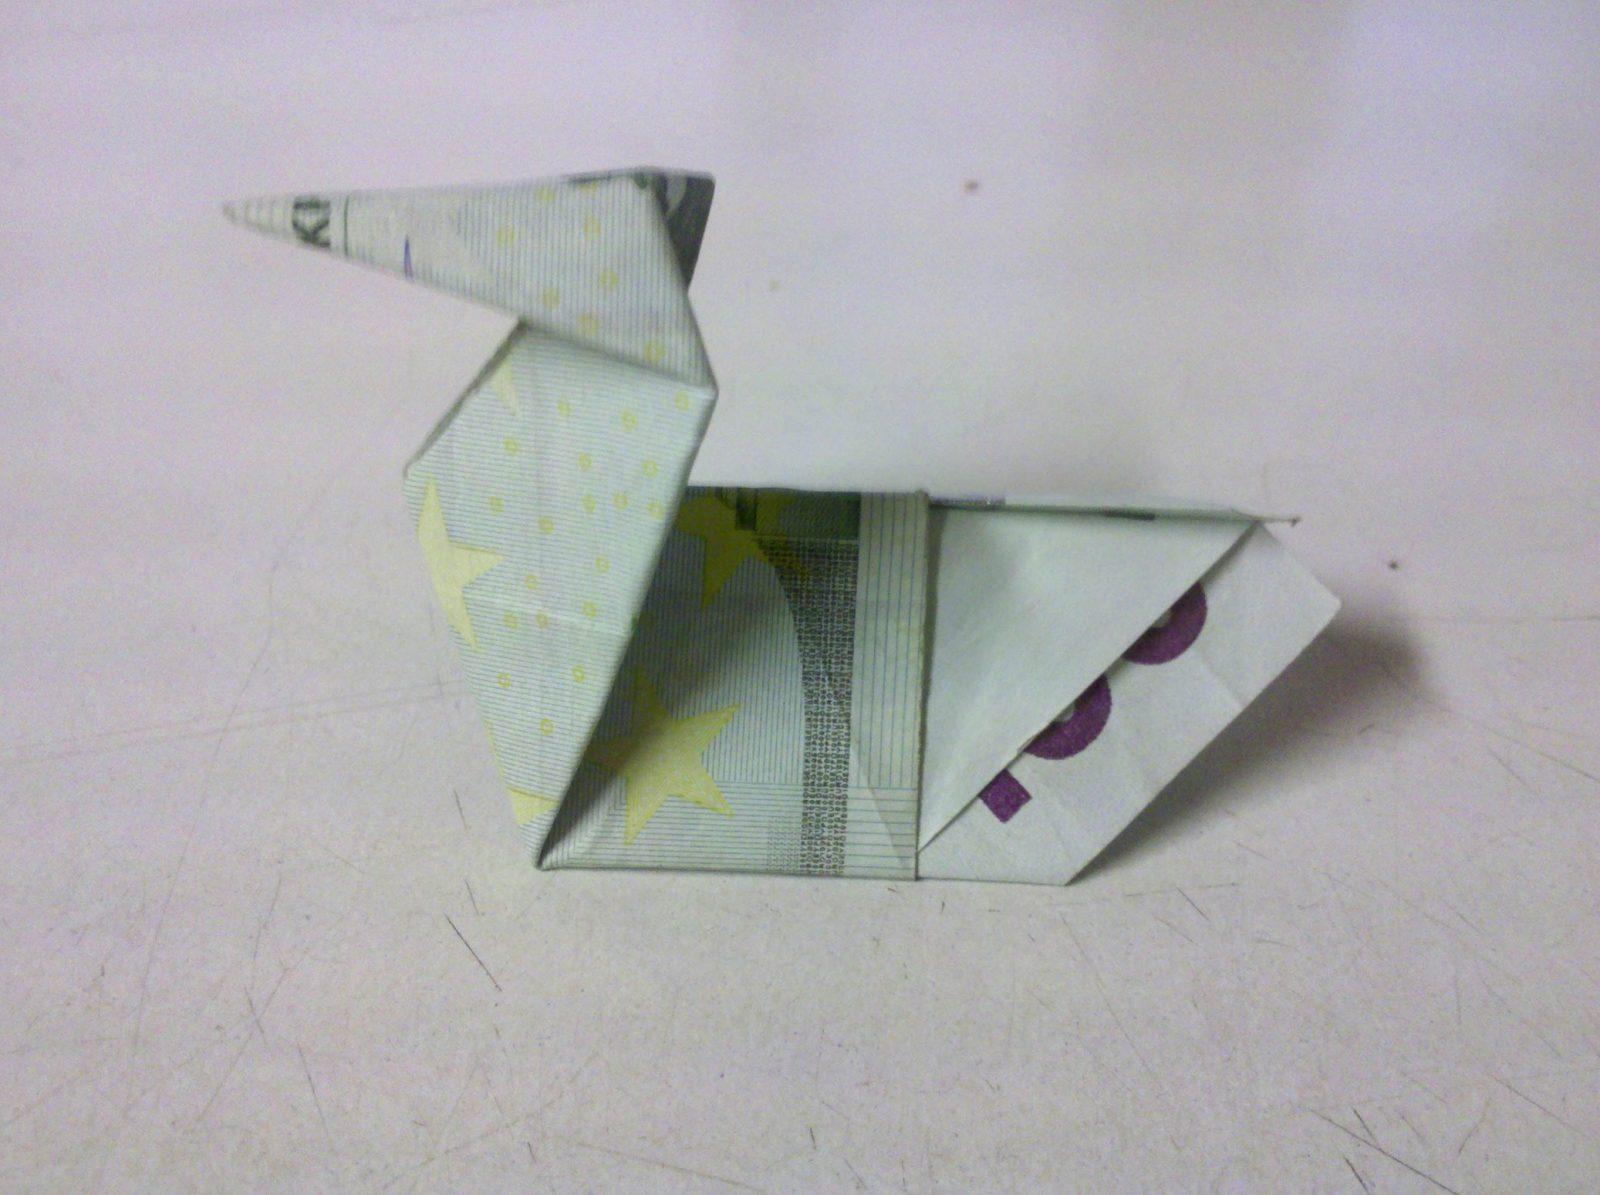 Tiere Aus Geldscheinen Falten  Tiere Falten  Origami Mit Geldscheinen von Maus Aus Geldschein Falten Photo